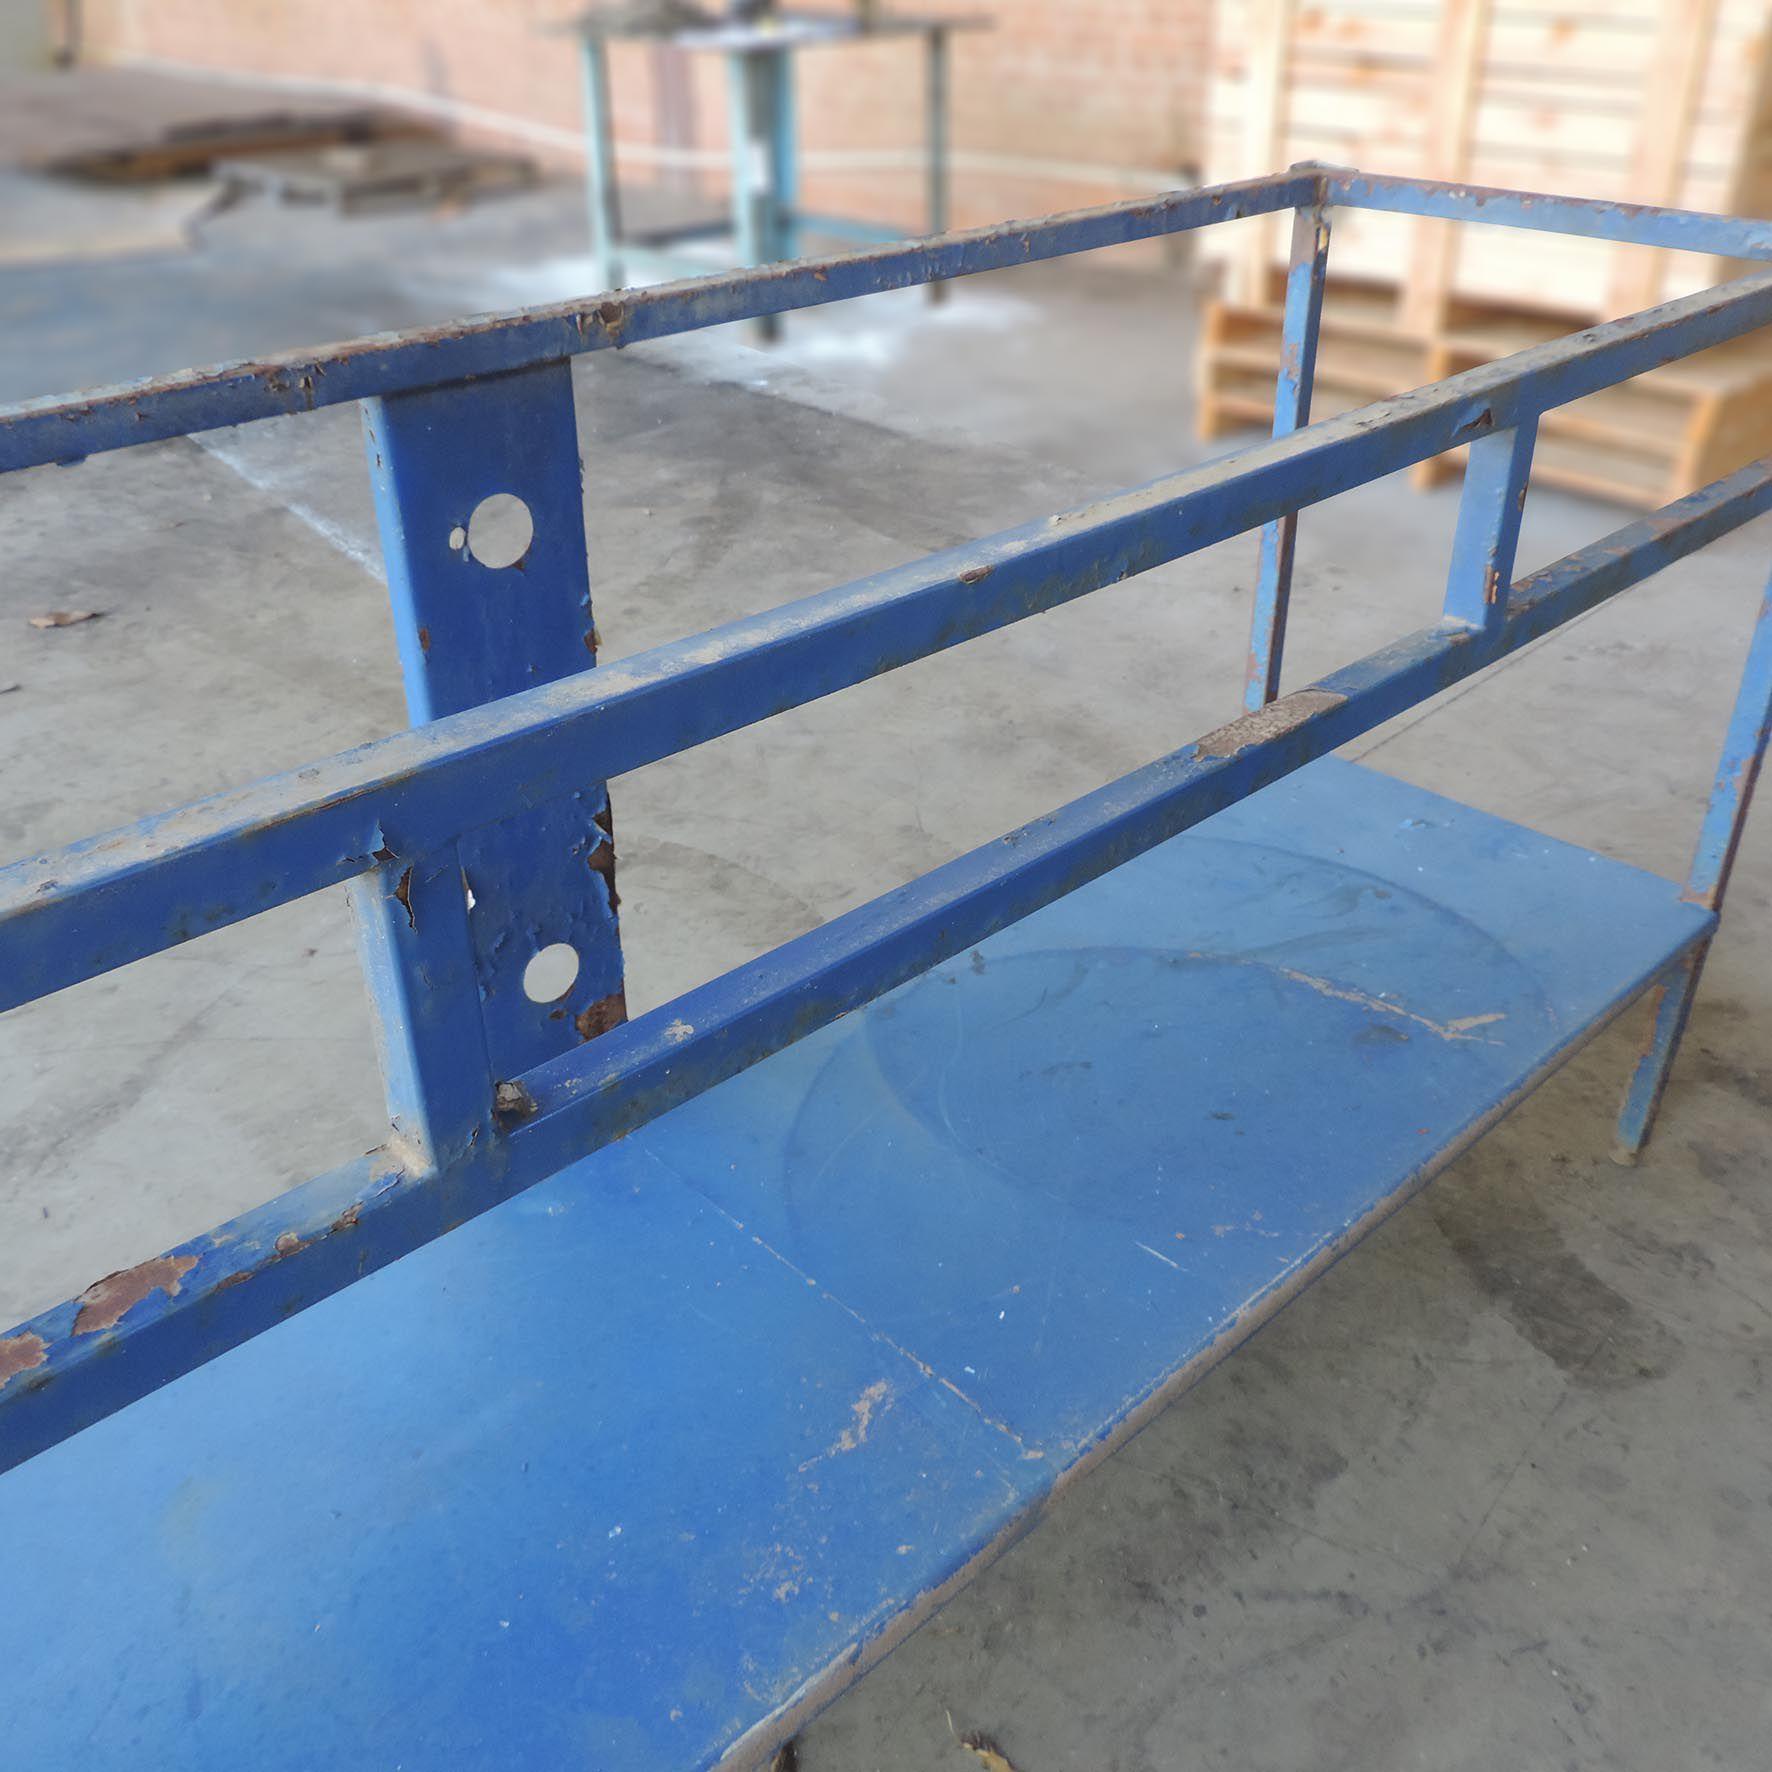 Mesa de aço Tipo Bancada só a Estrutura SP155 - Usado